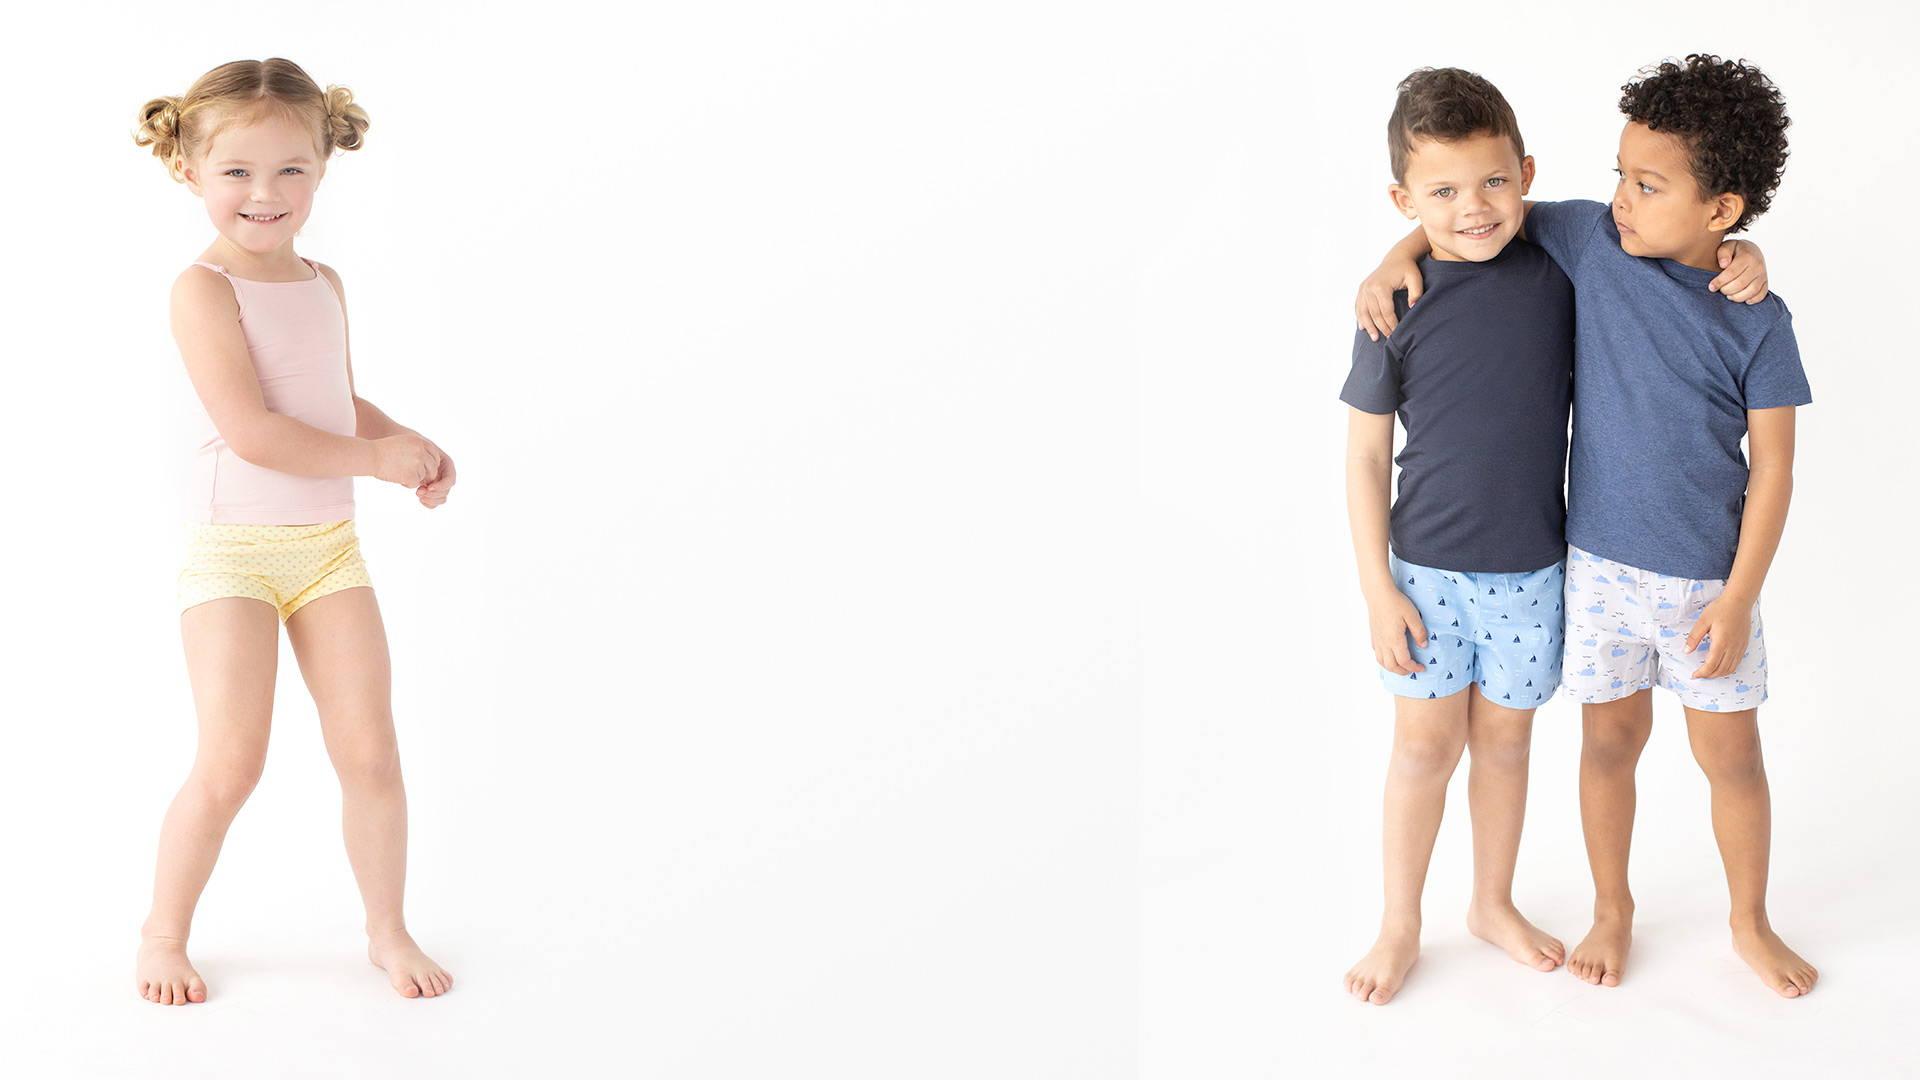 ملابس داخلية أطفال سنتربوينت